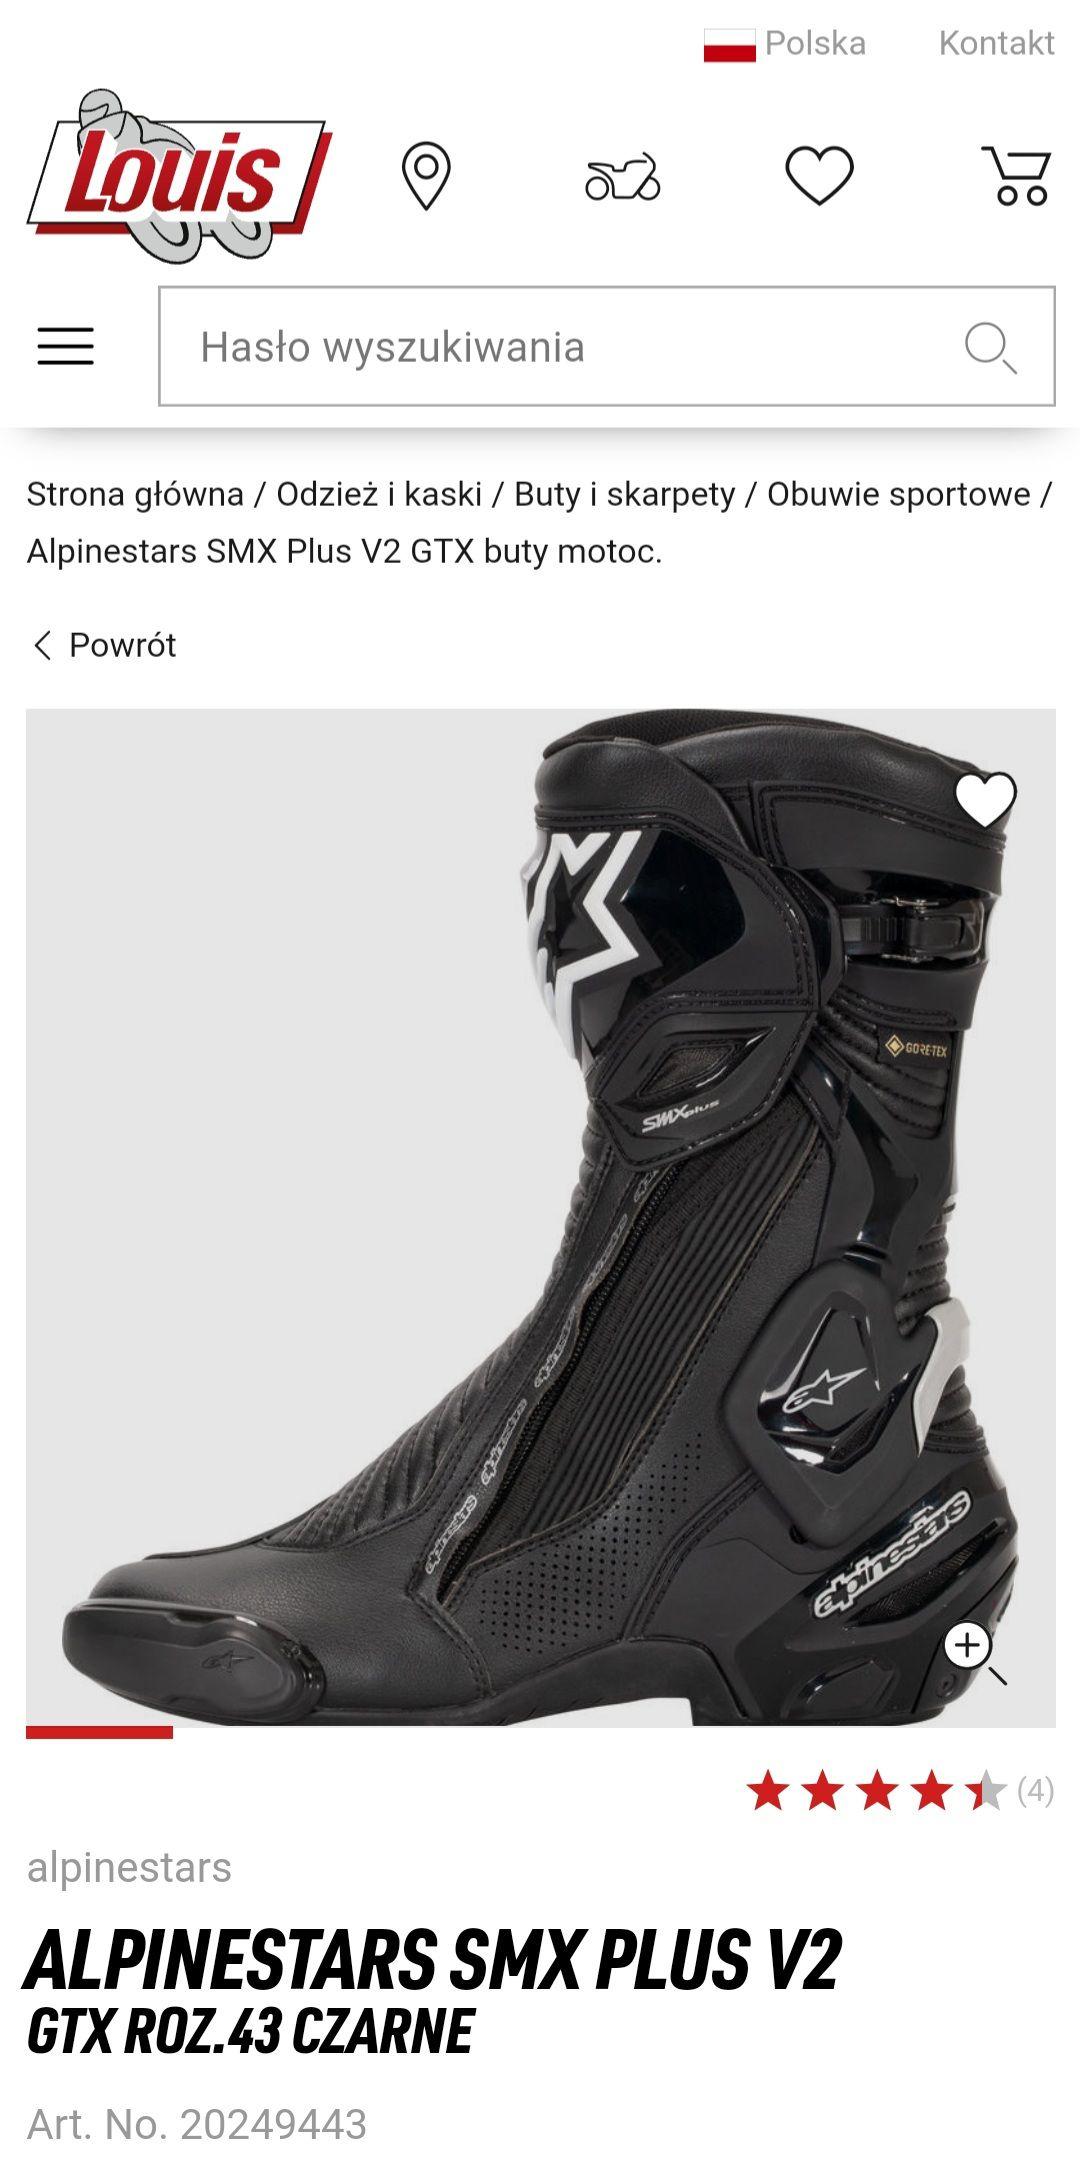 Buty motocyklowe alpinestars smx plus v2 gore-tex. Dużo rozmiarów.